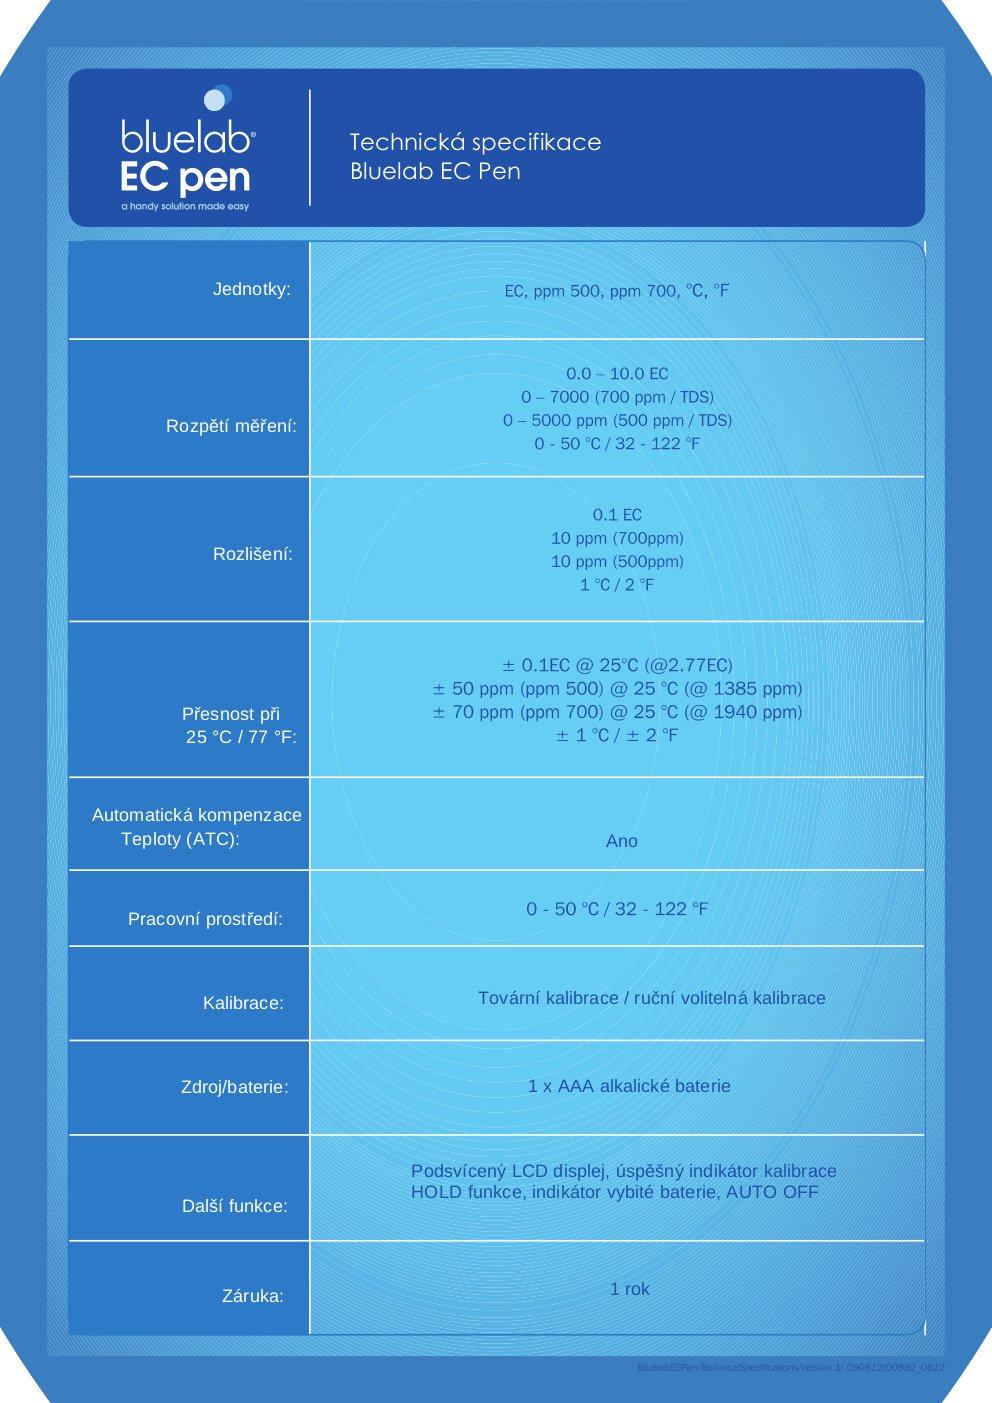 specifikace-bluelab-EC-pen